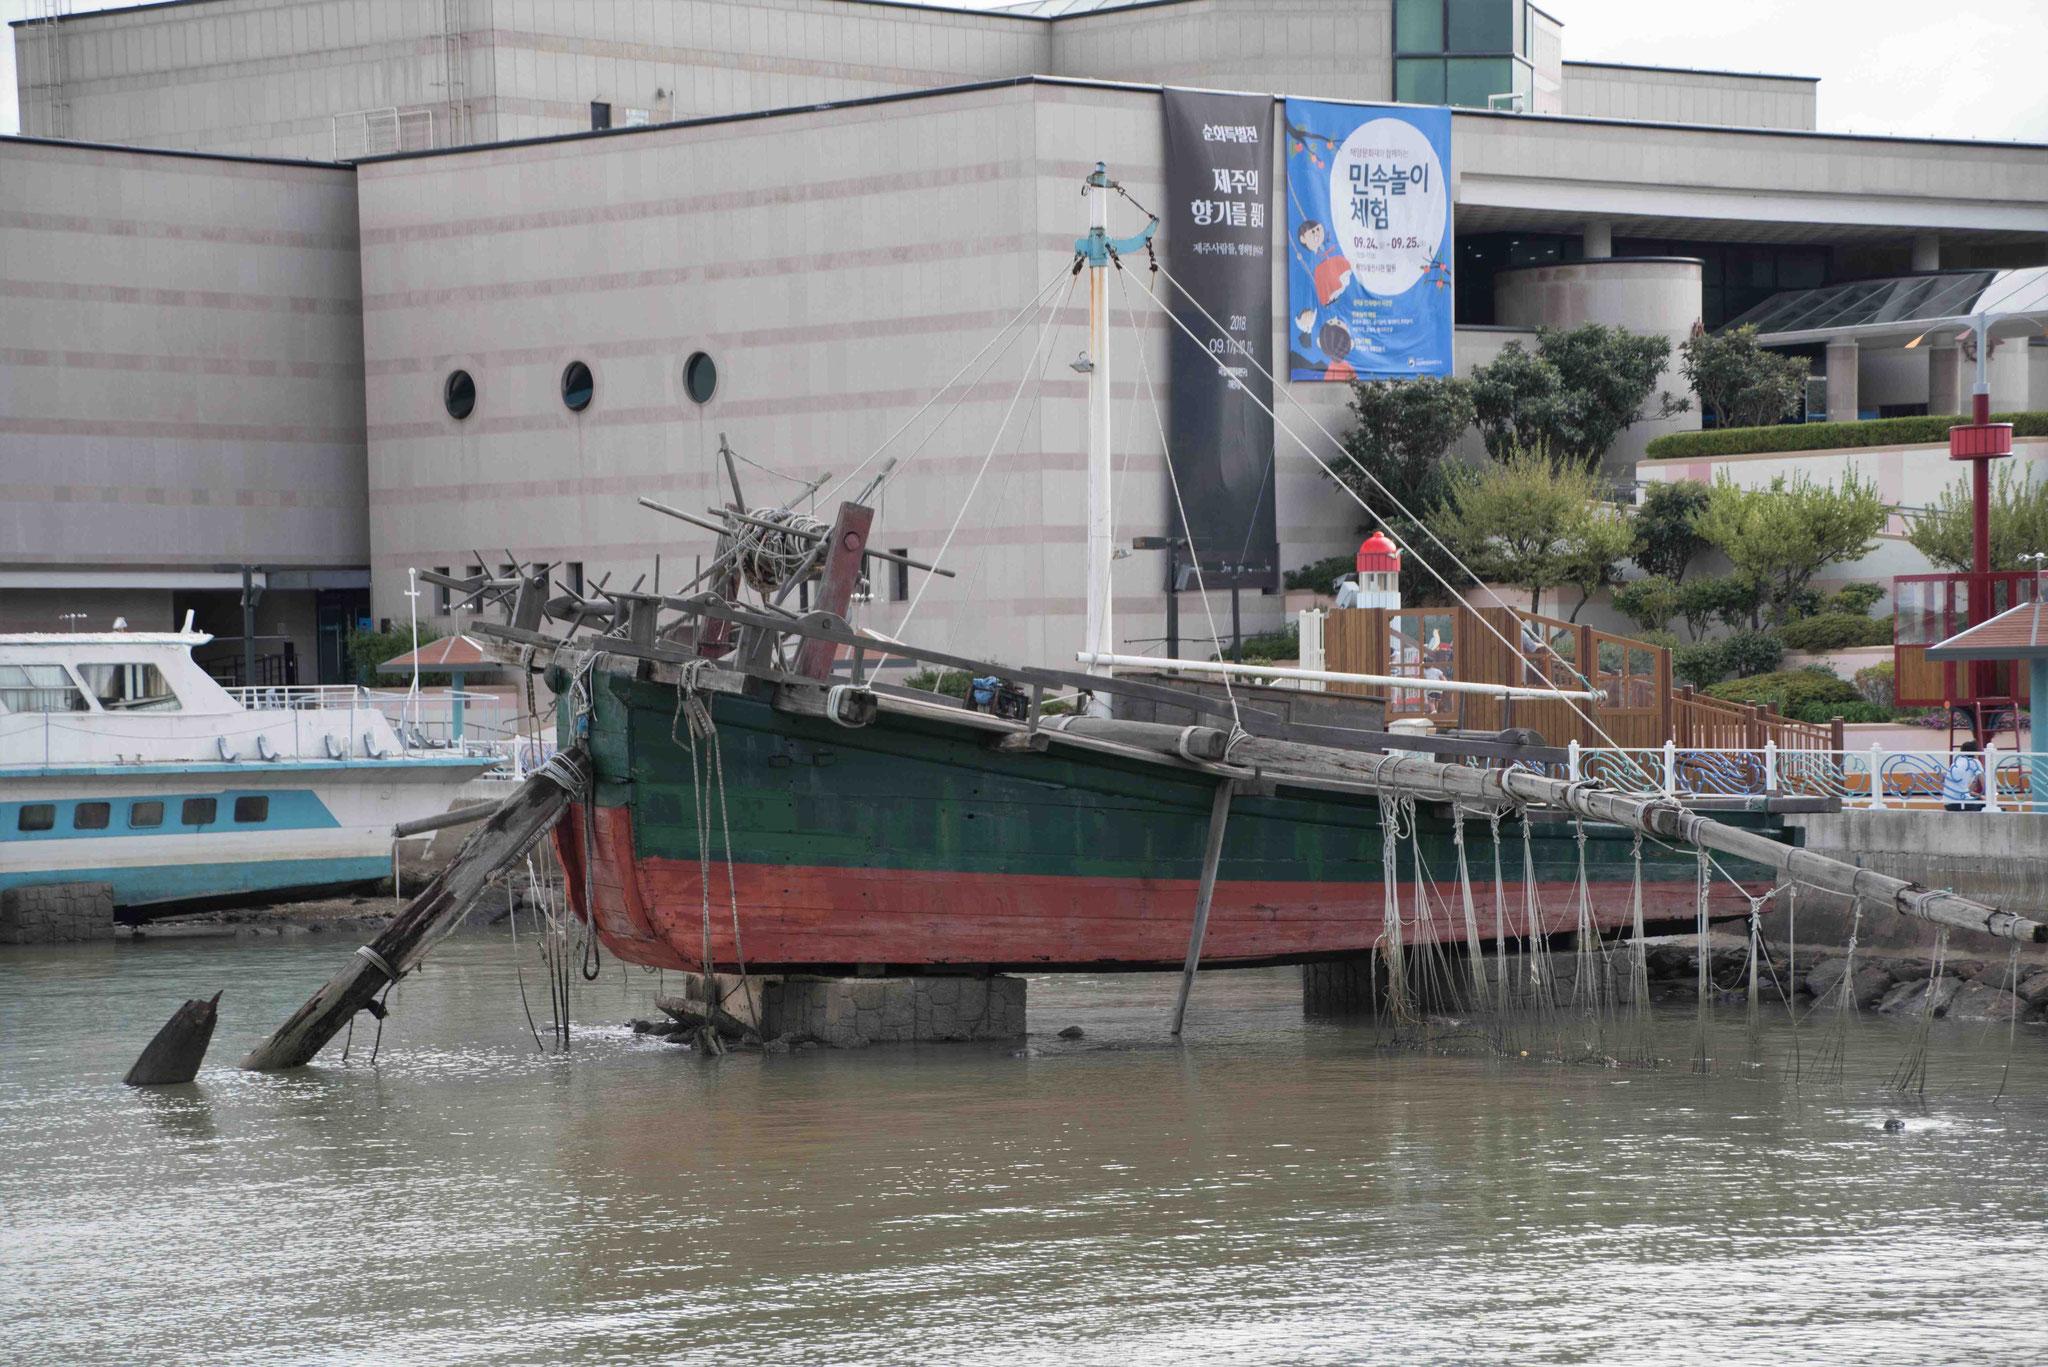 Altes Schiff zum Anlocken von Besuchern